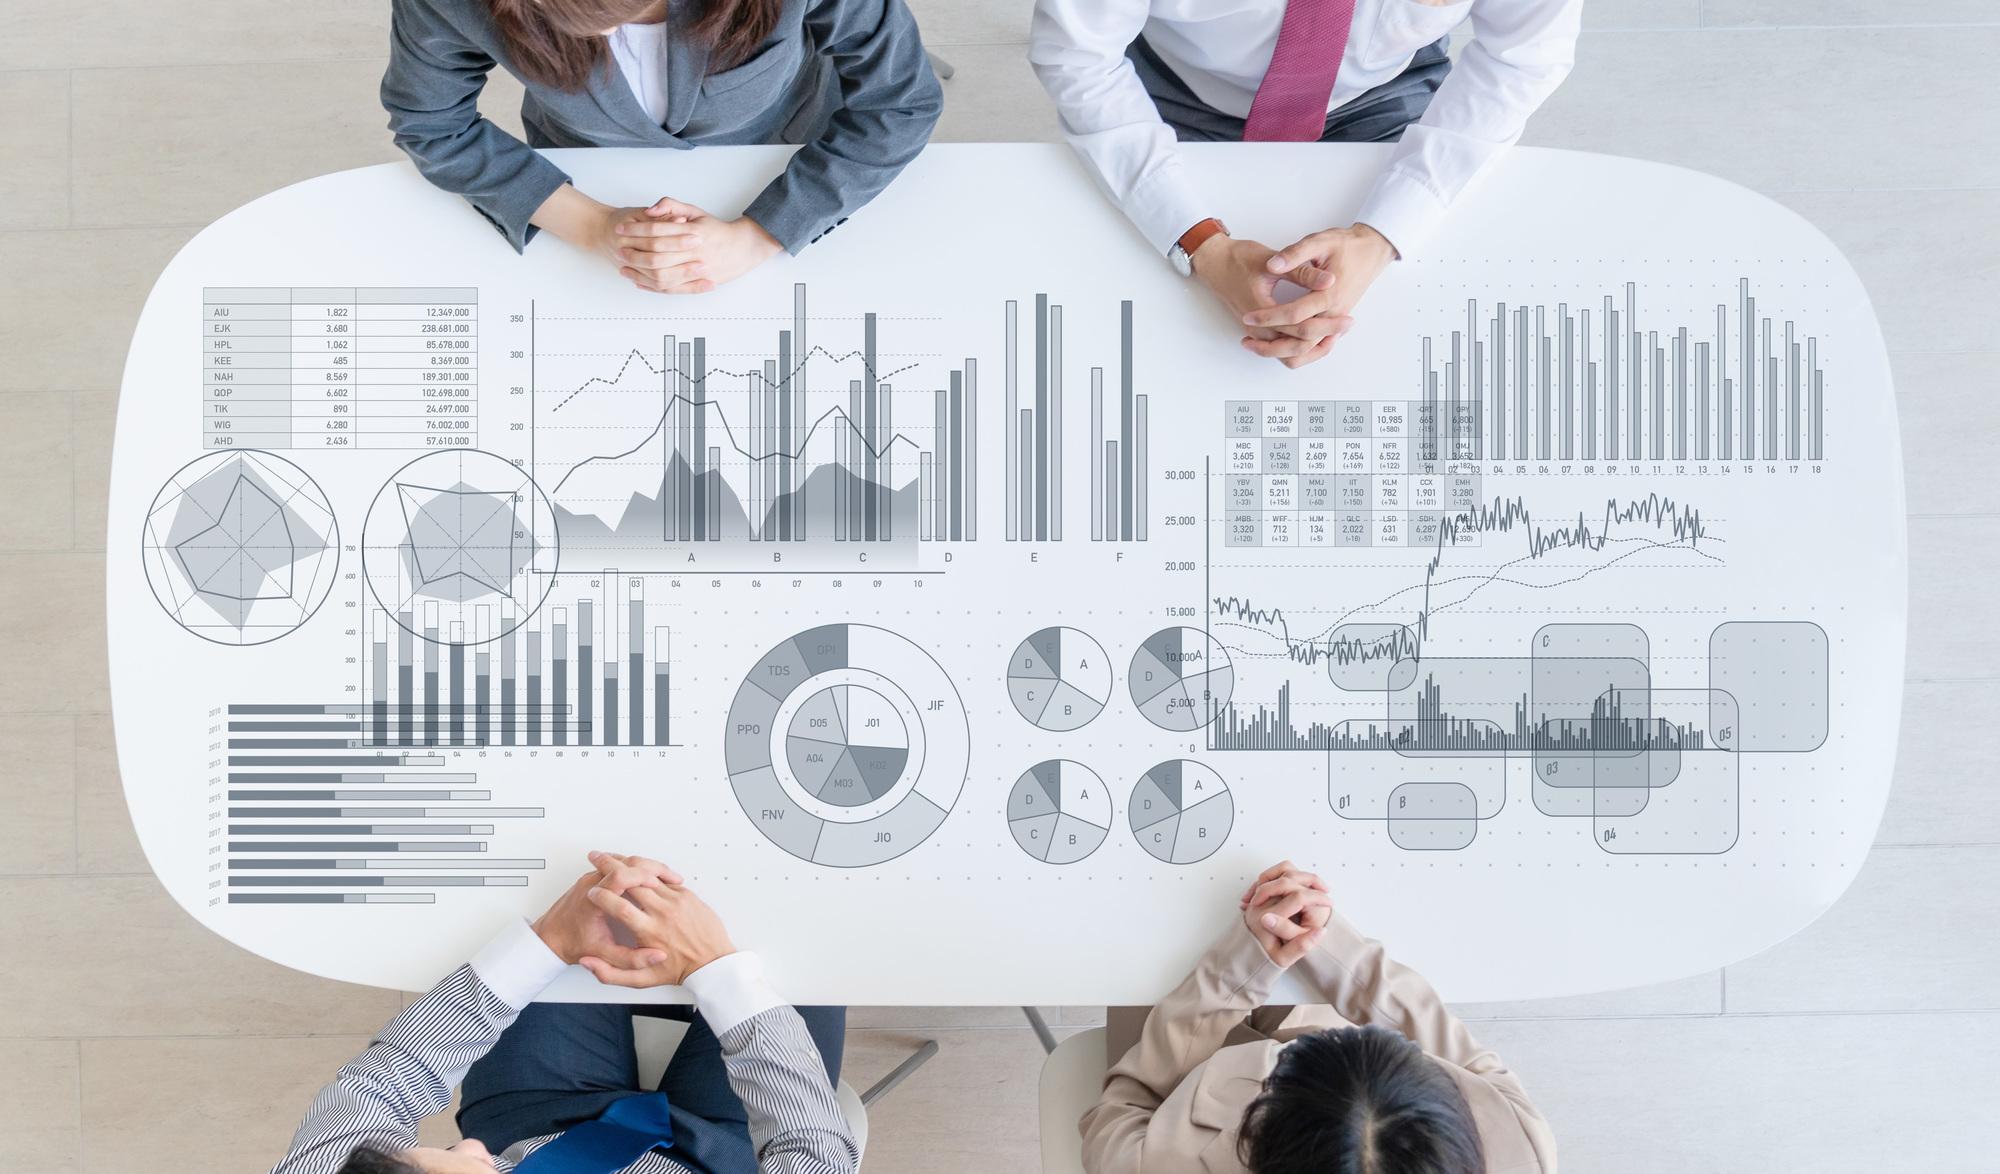 企業の経営目的とはいったい何か?